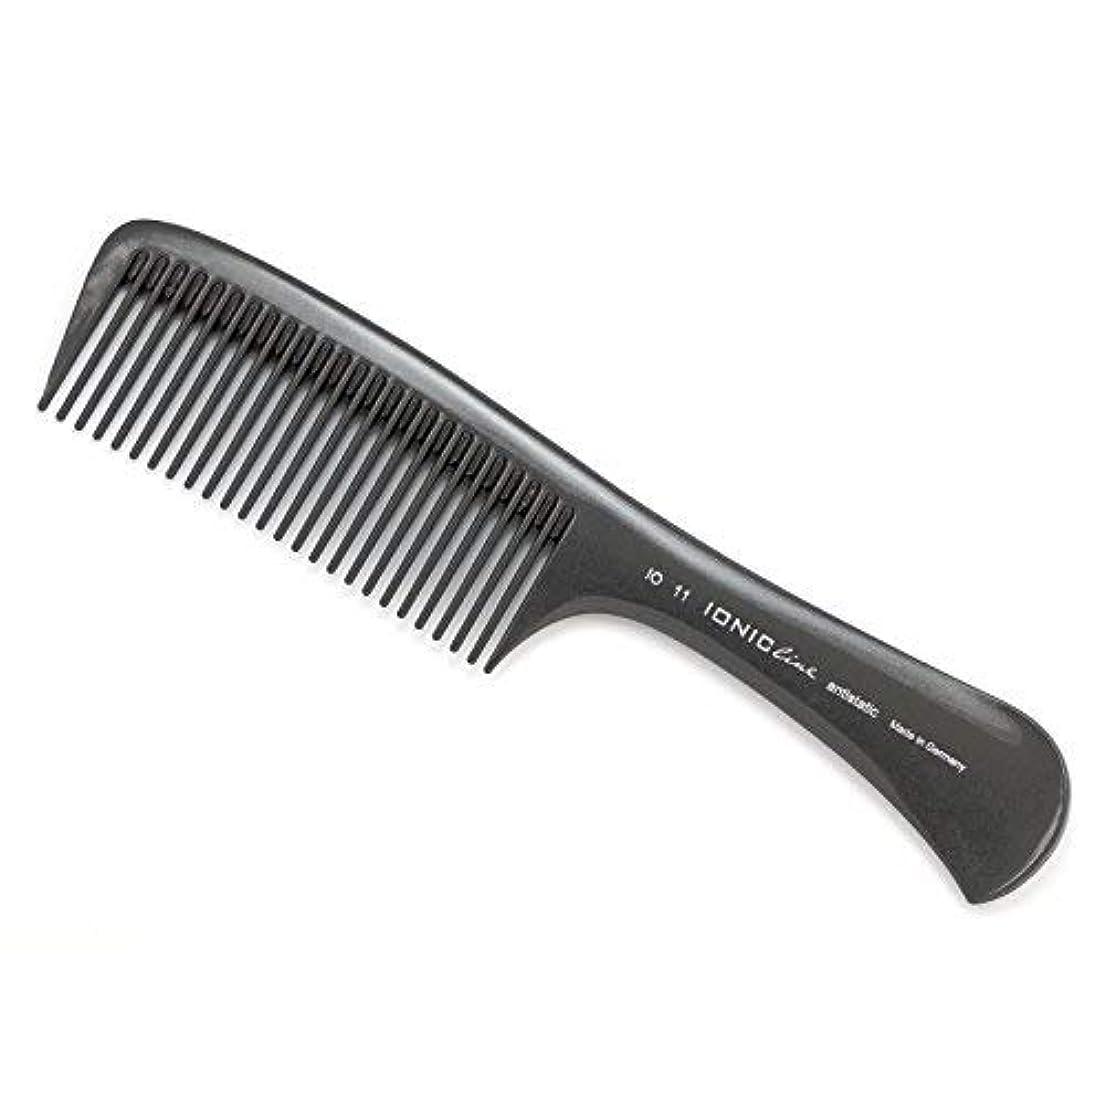 ヘア影響する元気Hercules S?gemann IONIC Line Handle Comb, Big Working Comb | Ionized Thermoplastic - Made in Germany [並行輸入品]